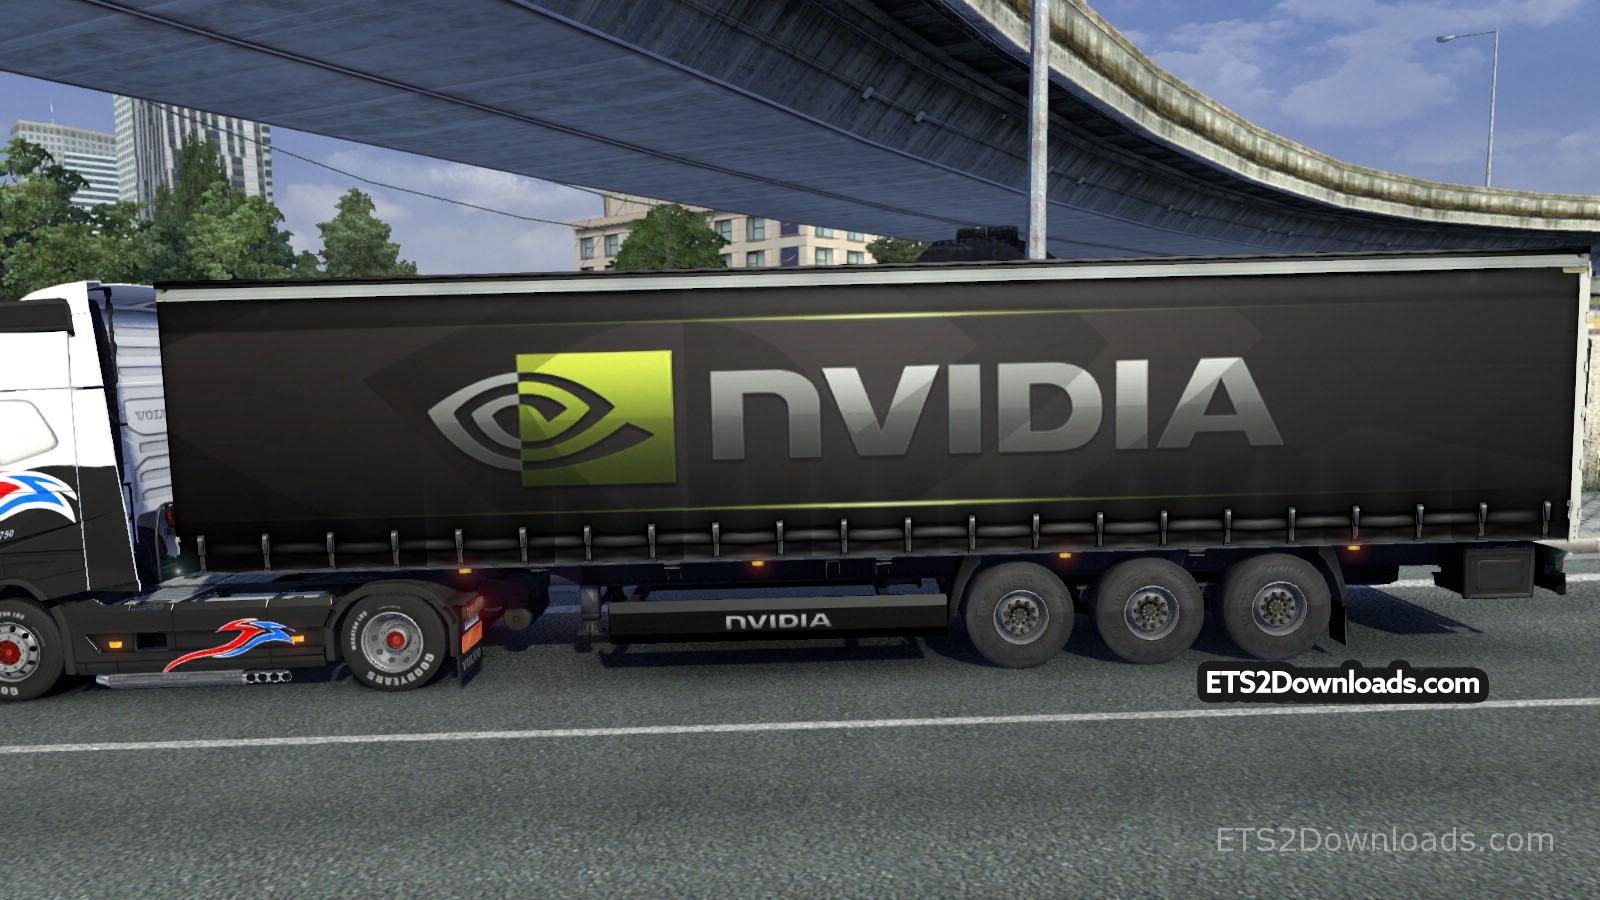 nvidia-trailer-2